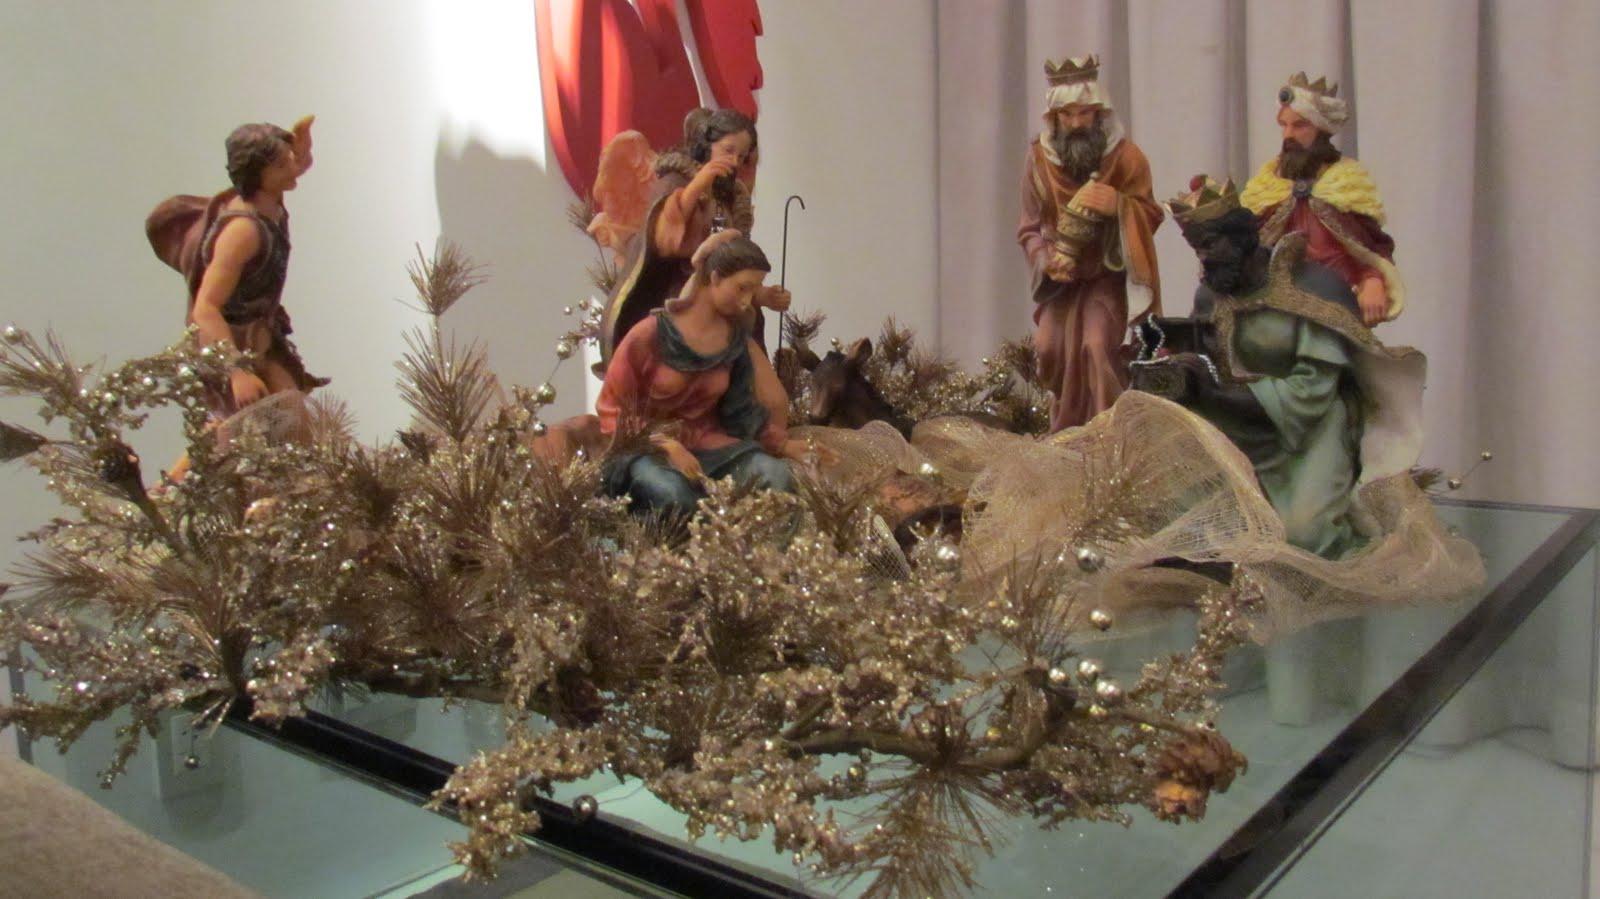 decoracao de sala natal : decoracao de sala natal:clo estilo : : :: Decoração de Natal por Adriana Costa